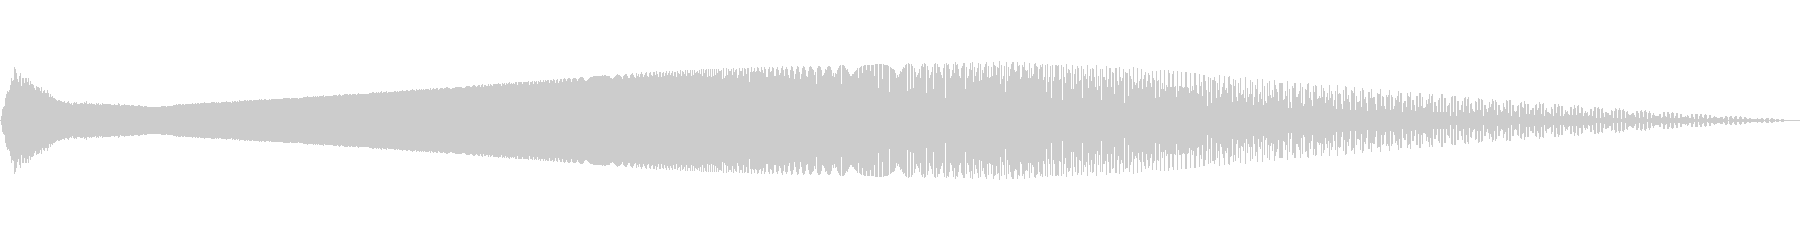 下降正弦波スイーパーの未再生の波形